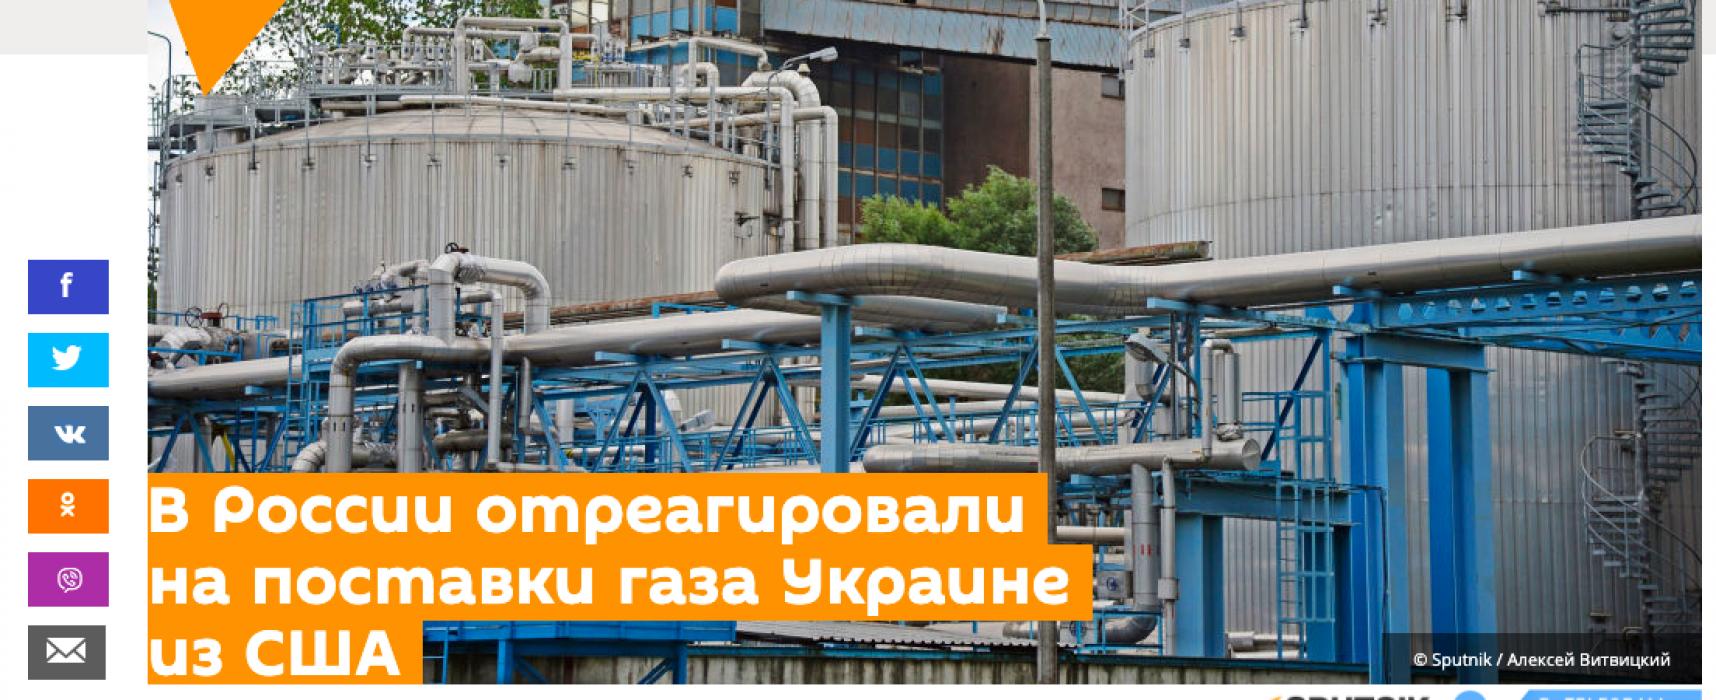 Фейк: Американский газ для Украины – «пиар-акция» против России